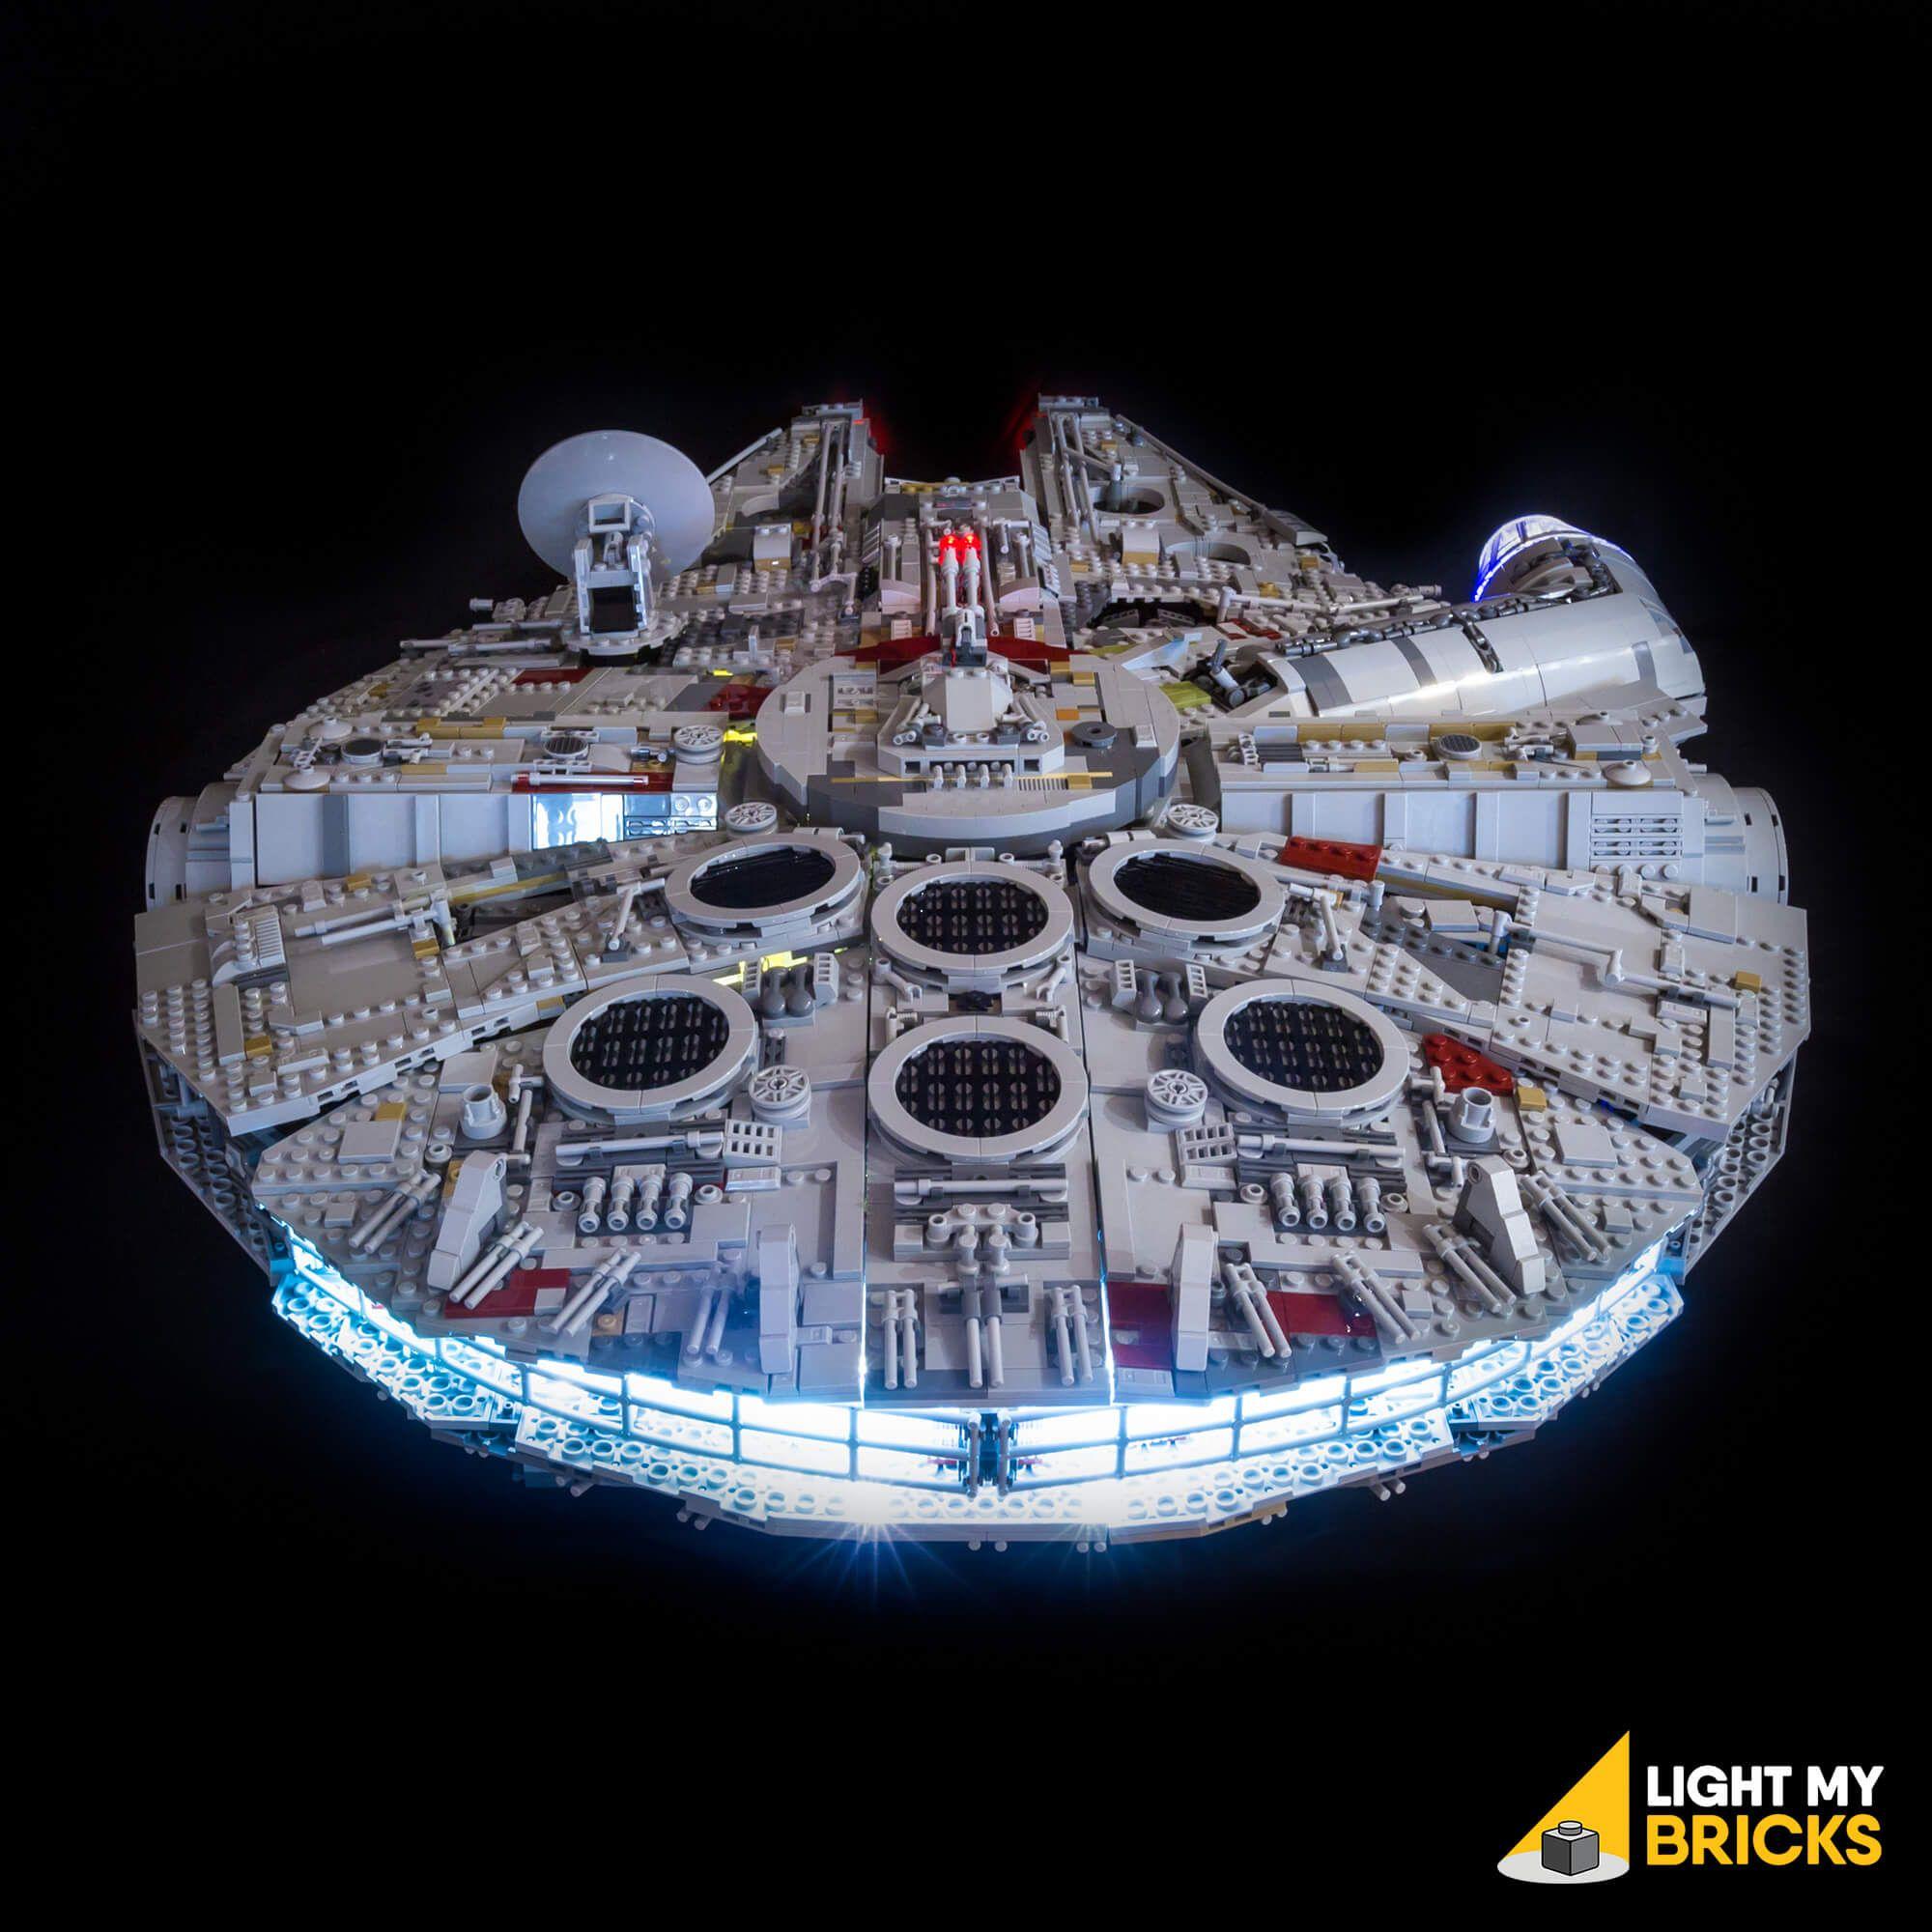 Lego Star Wars Ucs Millennium Falcon 75192 Light Kit Lego Ucs Lego Lighting Millennium Falcon Lego